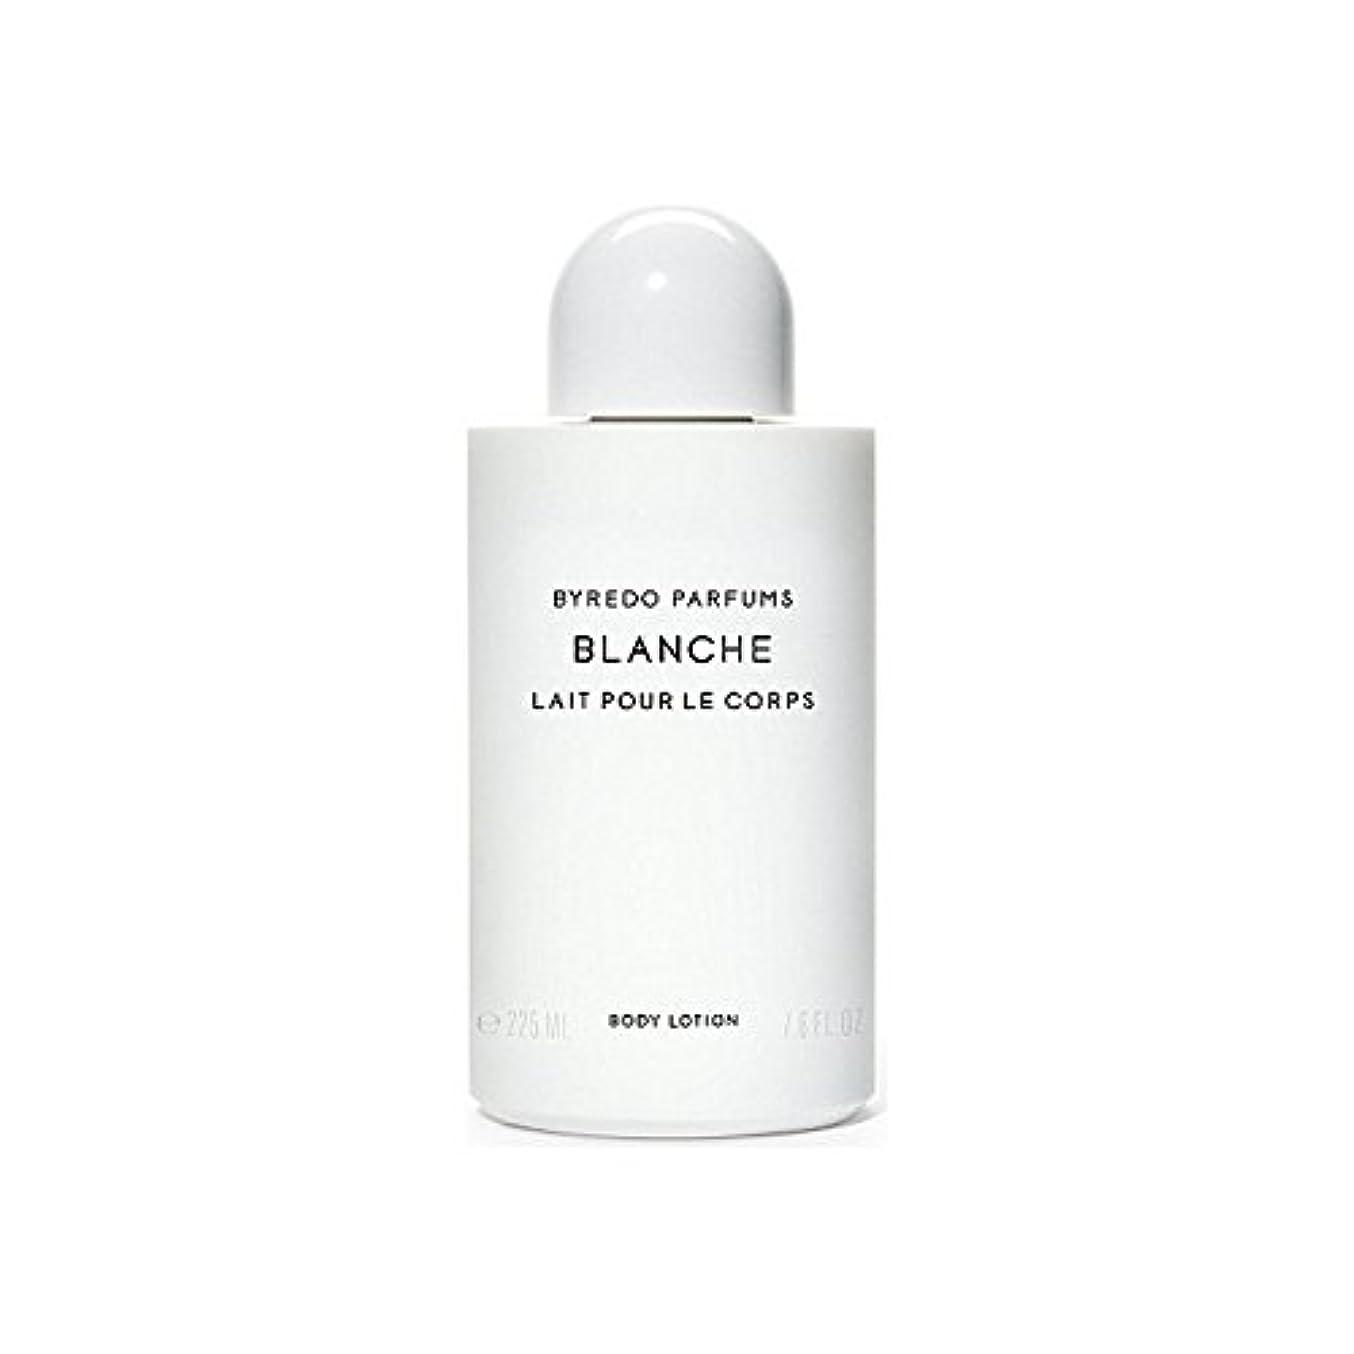 イーウェル石灰岩折るブランシュボディローション225ミリリットル x4 - Byredo Blanche Body Lotion 225ml (Pack of 4) [並行輸入品]